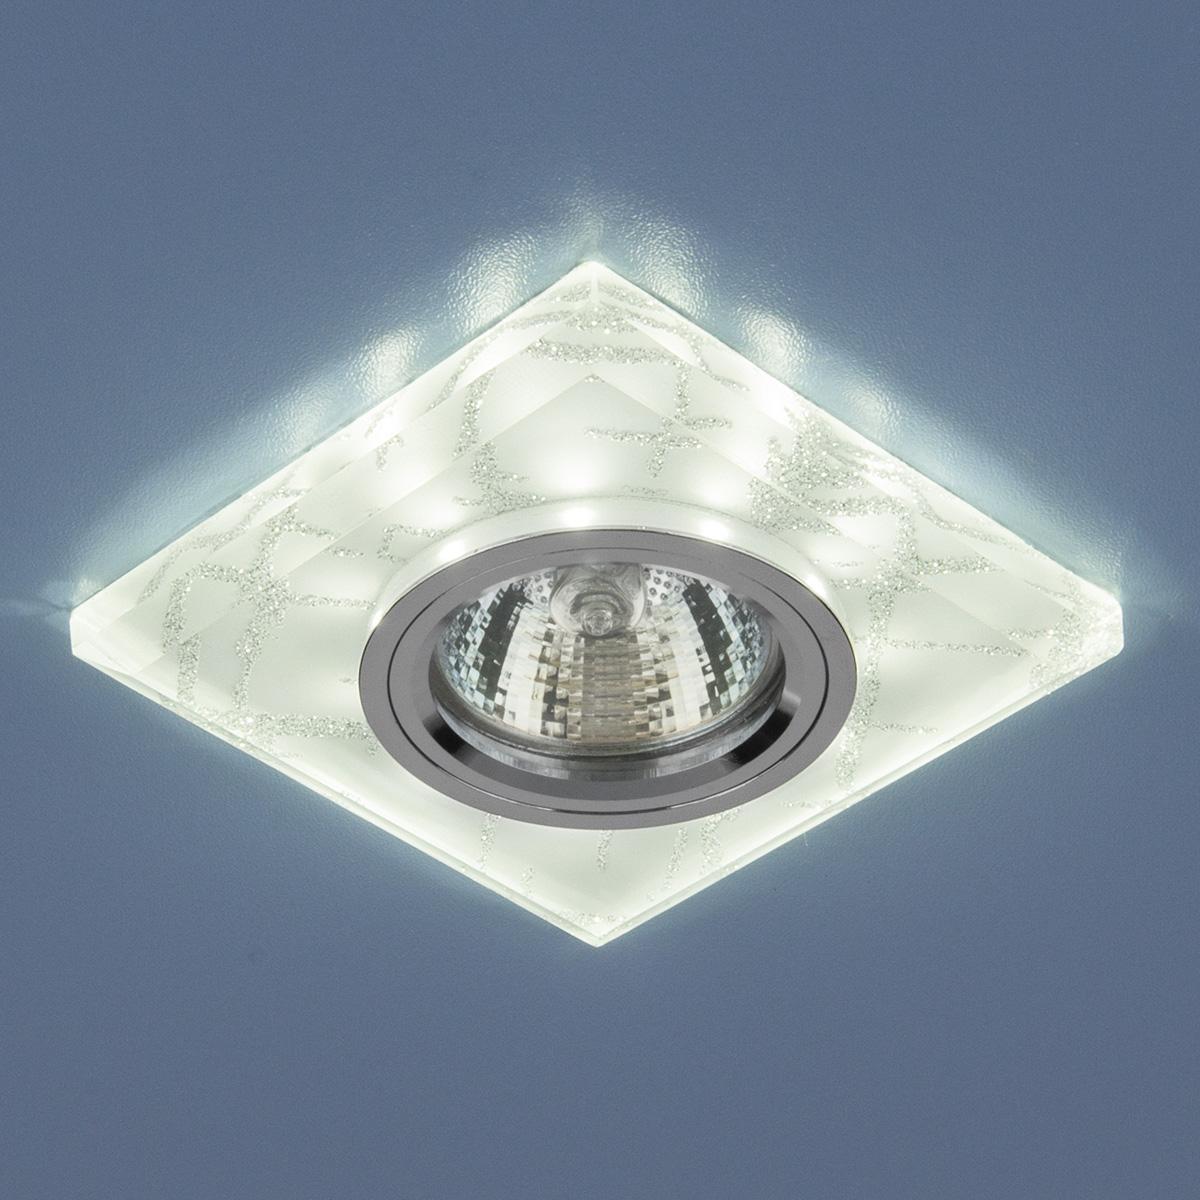 Точечный светильник Elektrostandard 8361 MR16 WH/SL белый/серебро